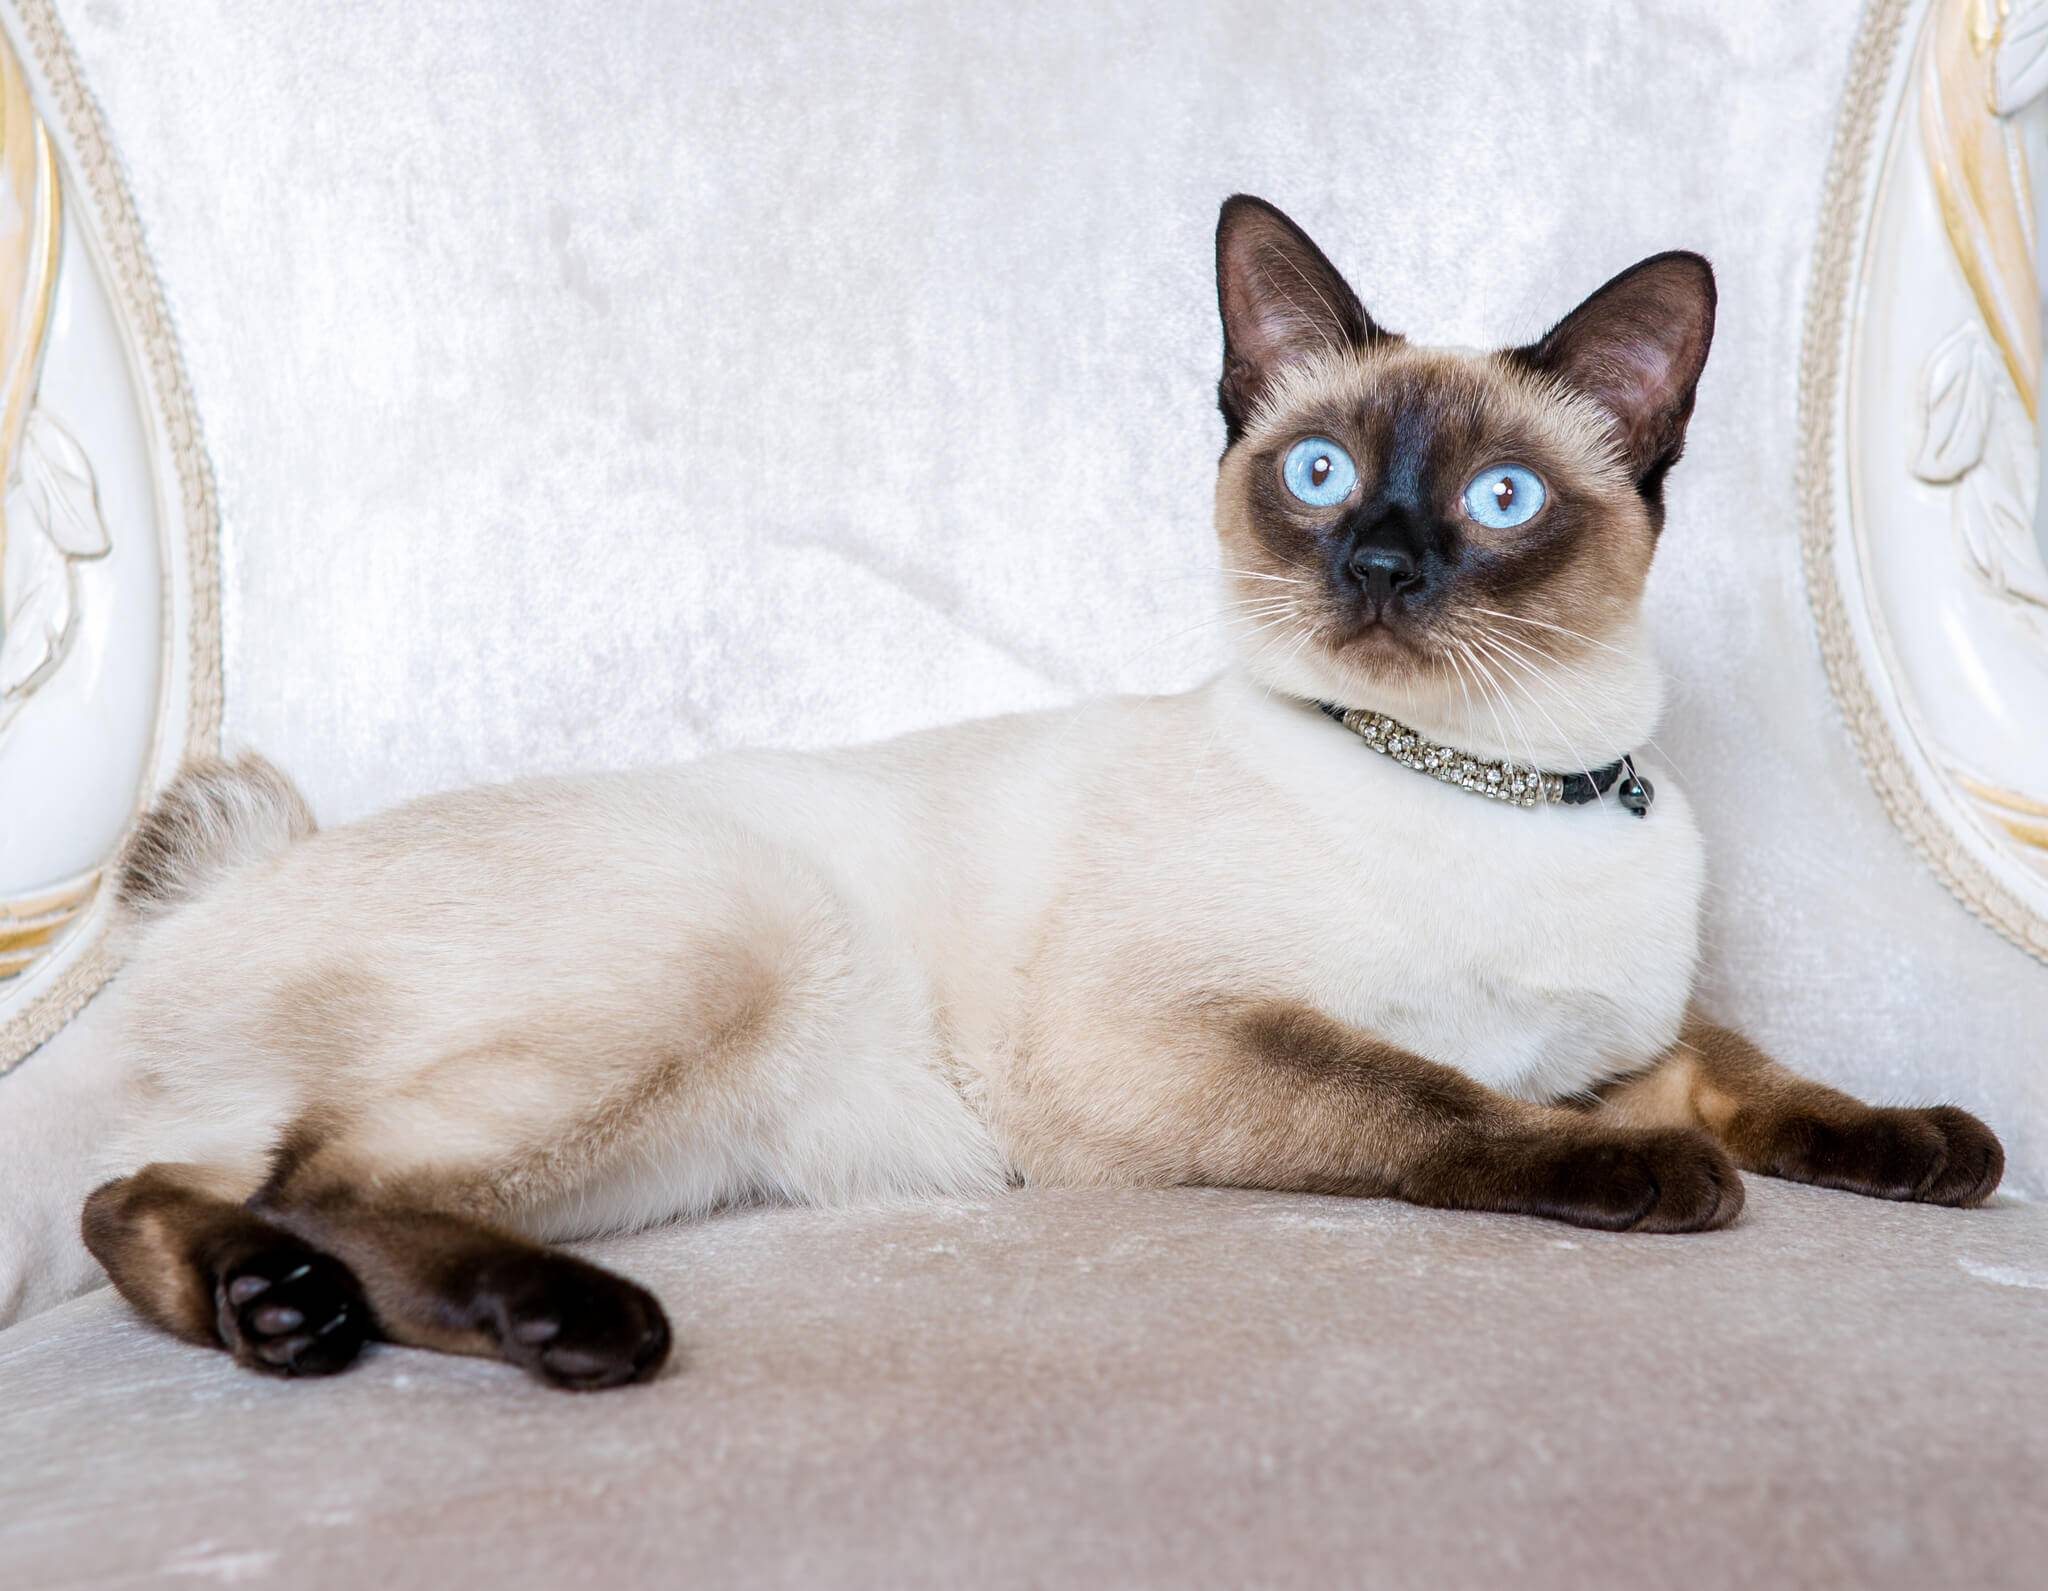 Меконгский бобтейл. о породе кошек: описание породы меконгский бобтейл, цены, фото, уход